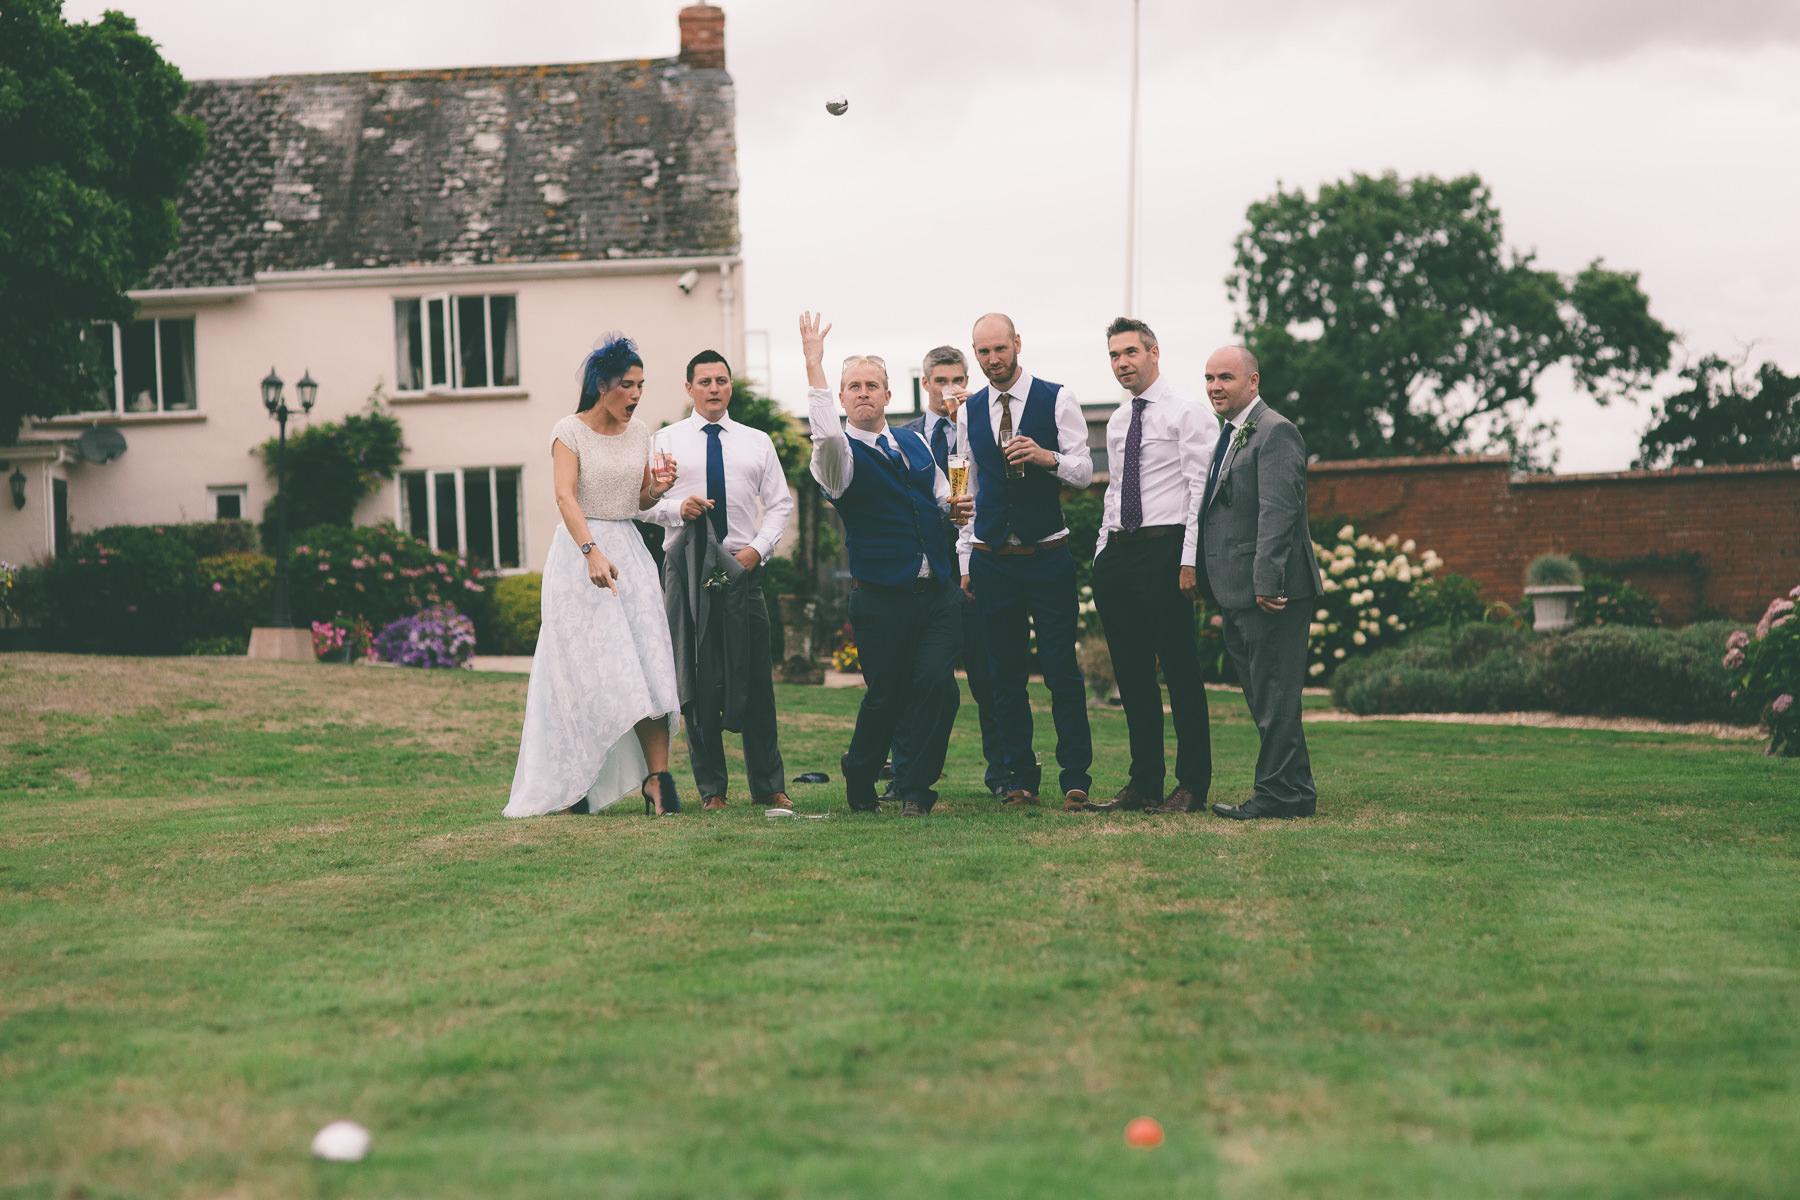 upton-barn-walled-garden-devon-wedding-photography-161